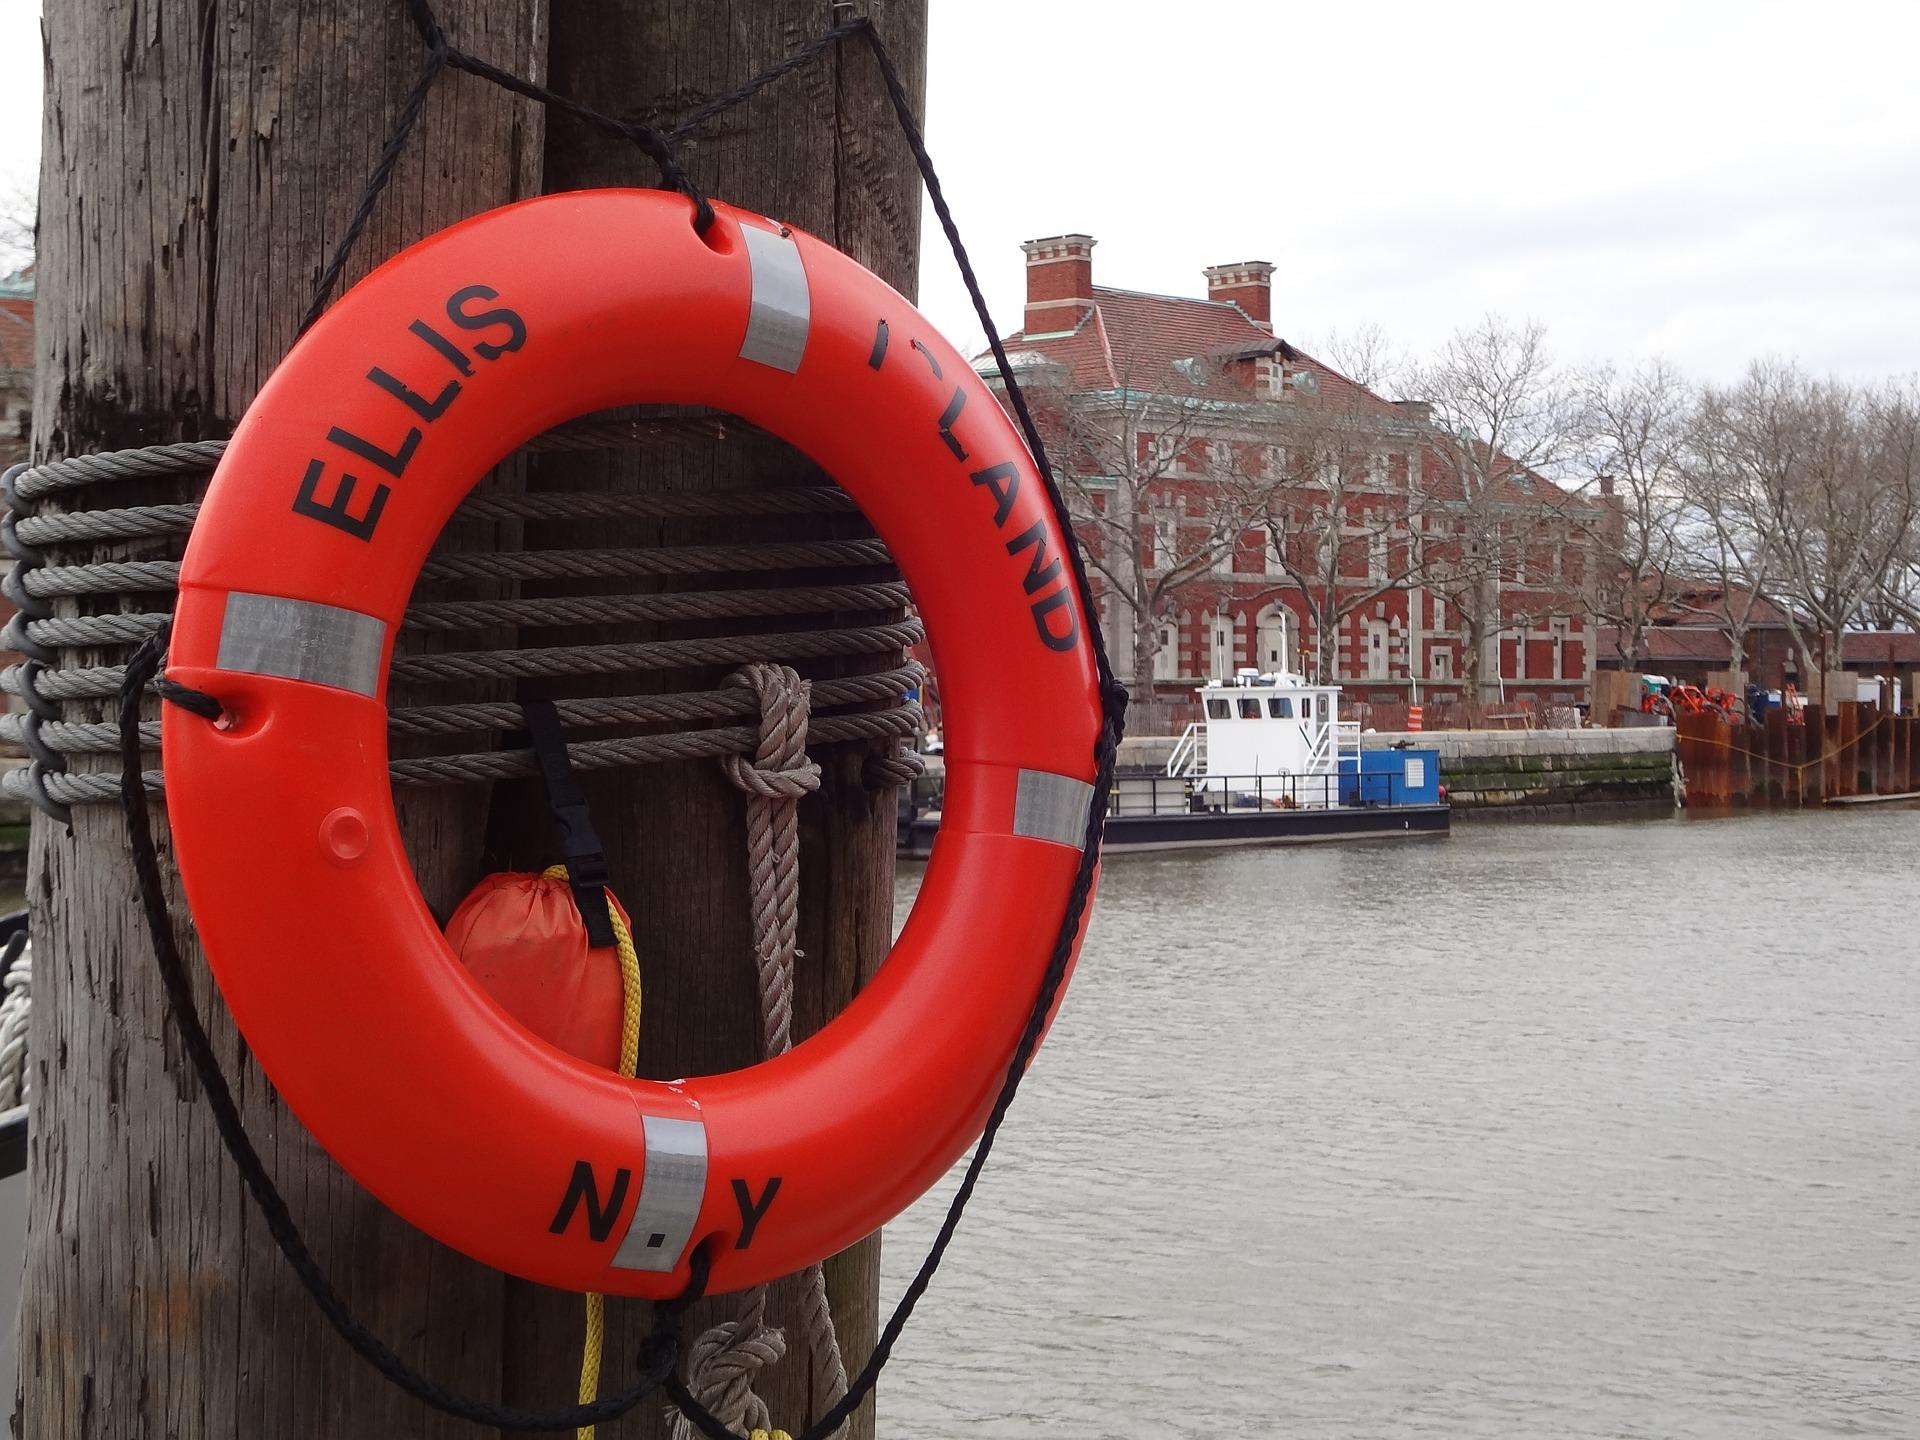 Ellis Island NY Group Tours